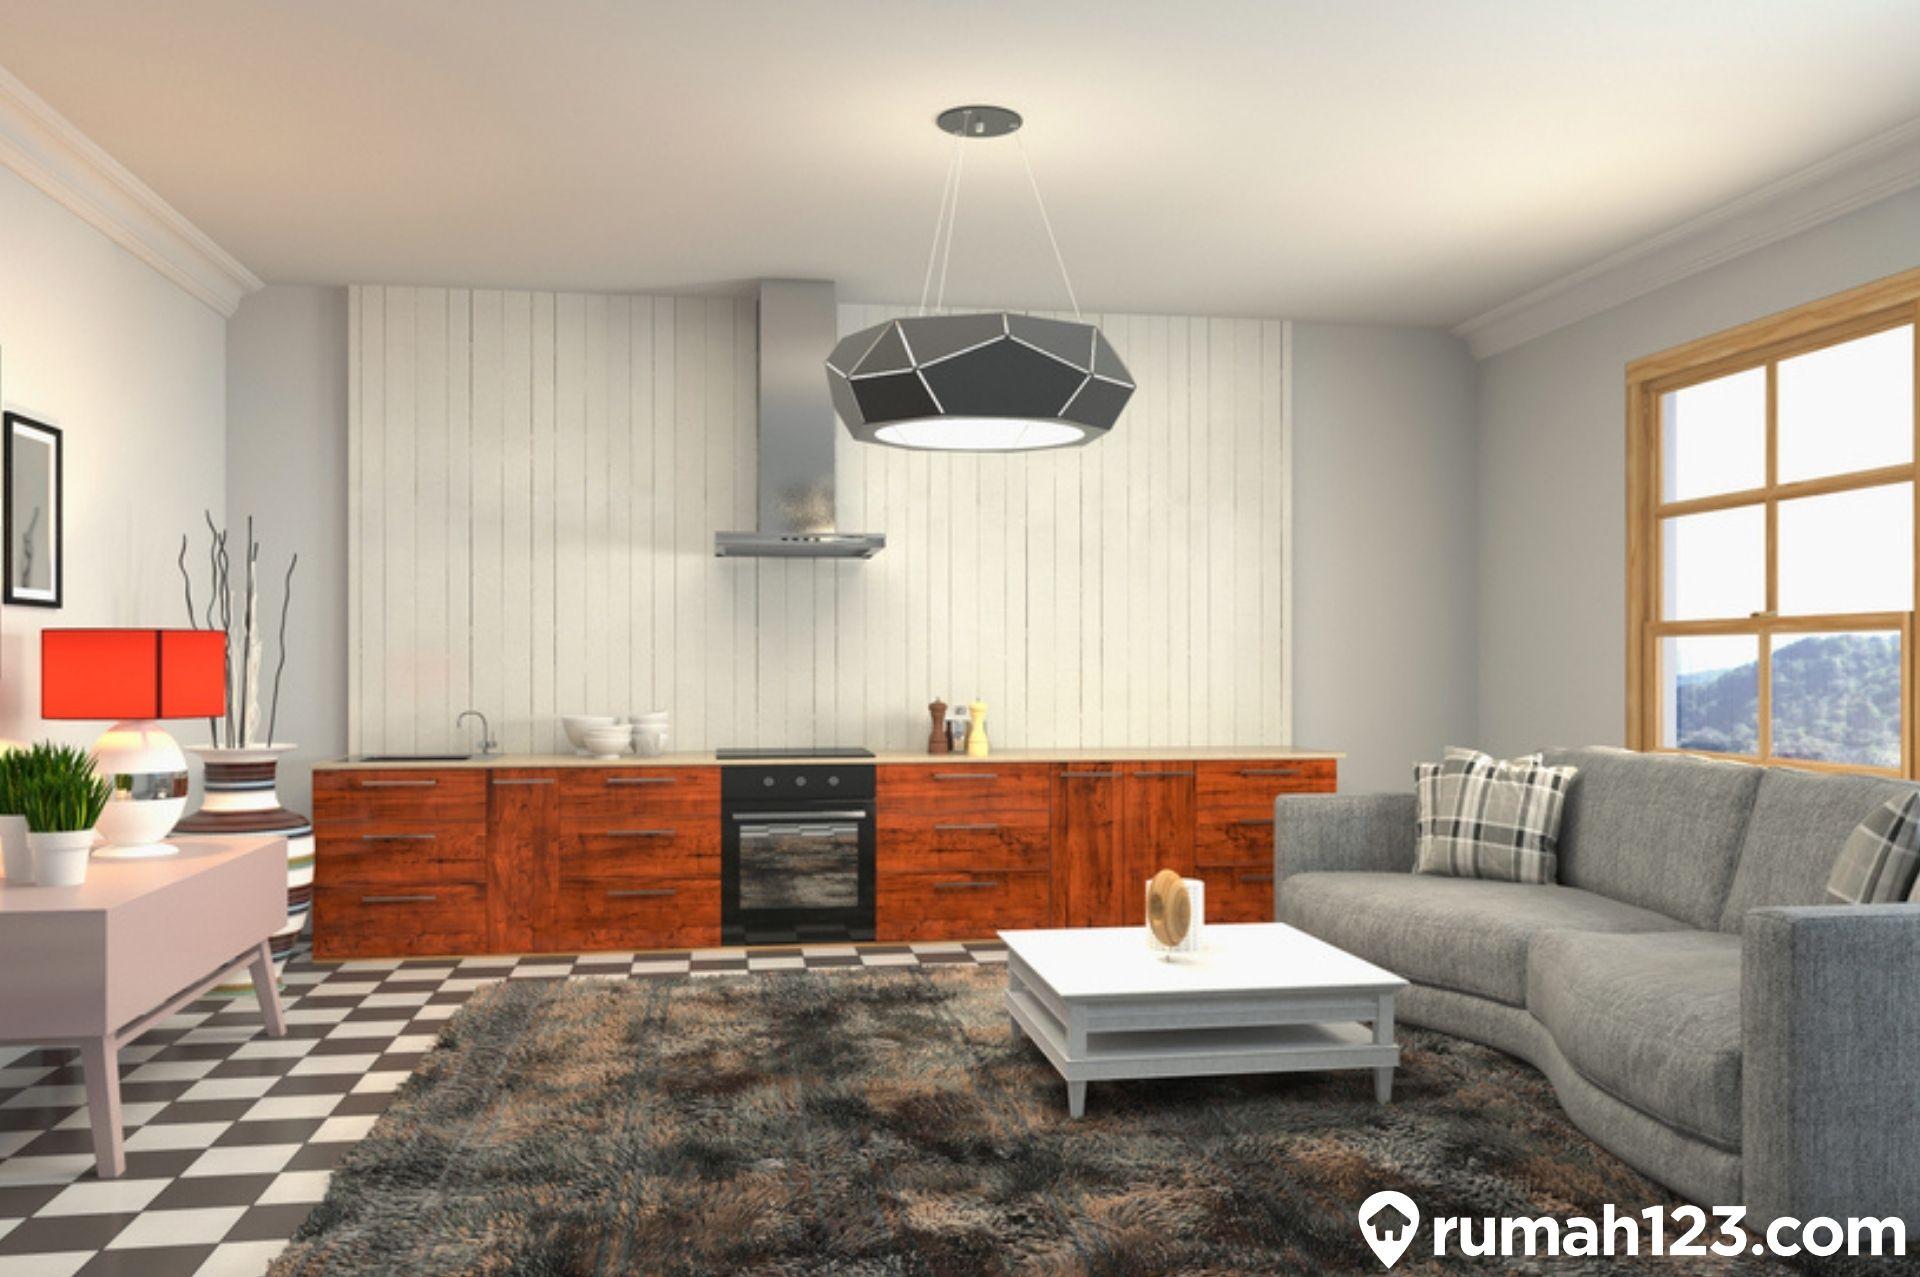 9 Desain Ruang Tamu Lesehan Minimalis Cocok Di Rumah Mungil Rumah123 Com